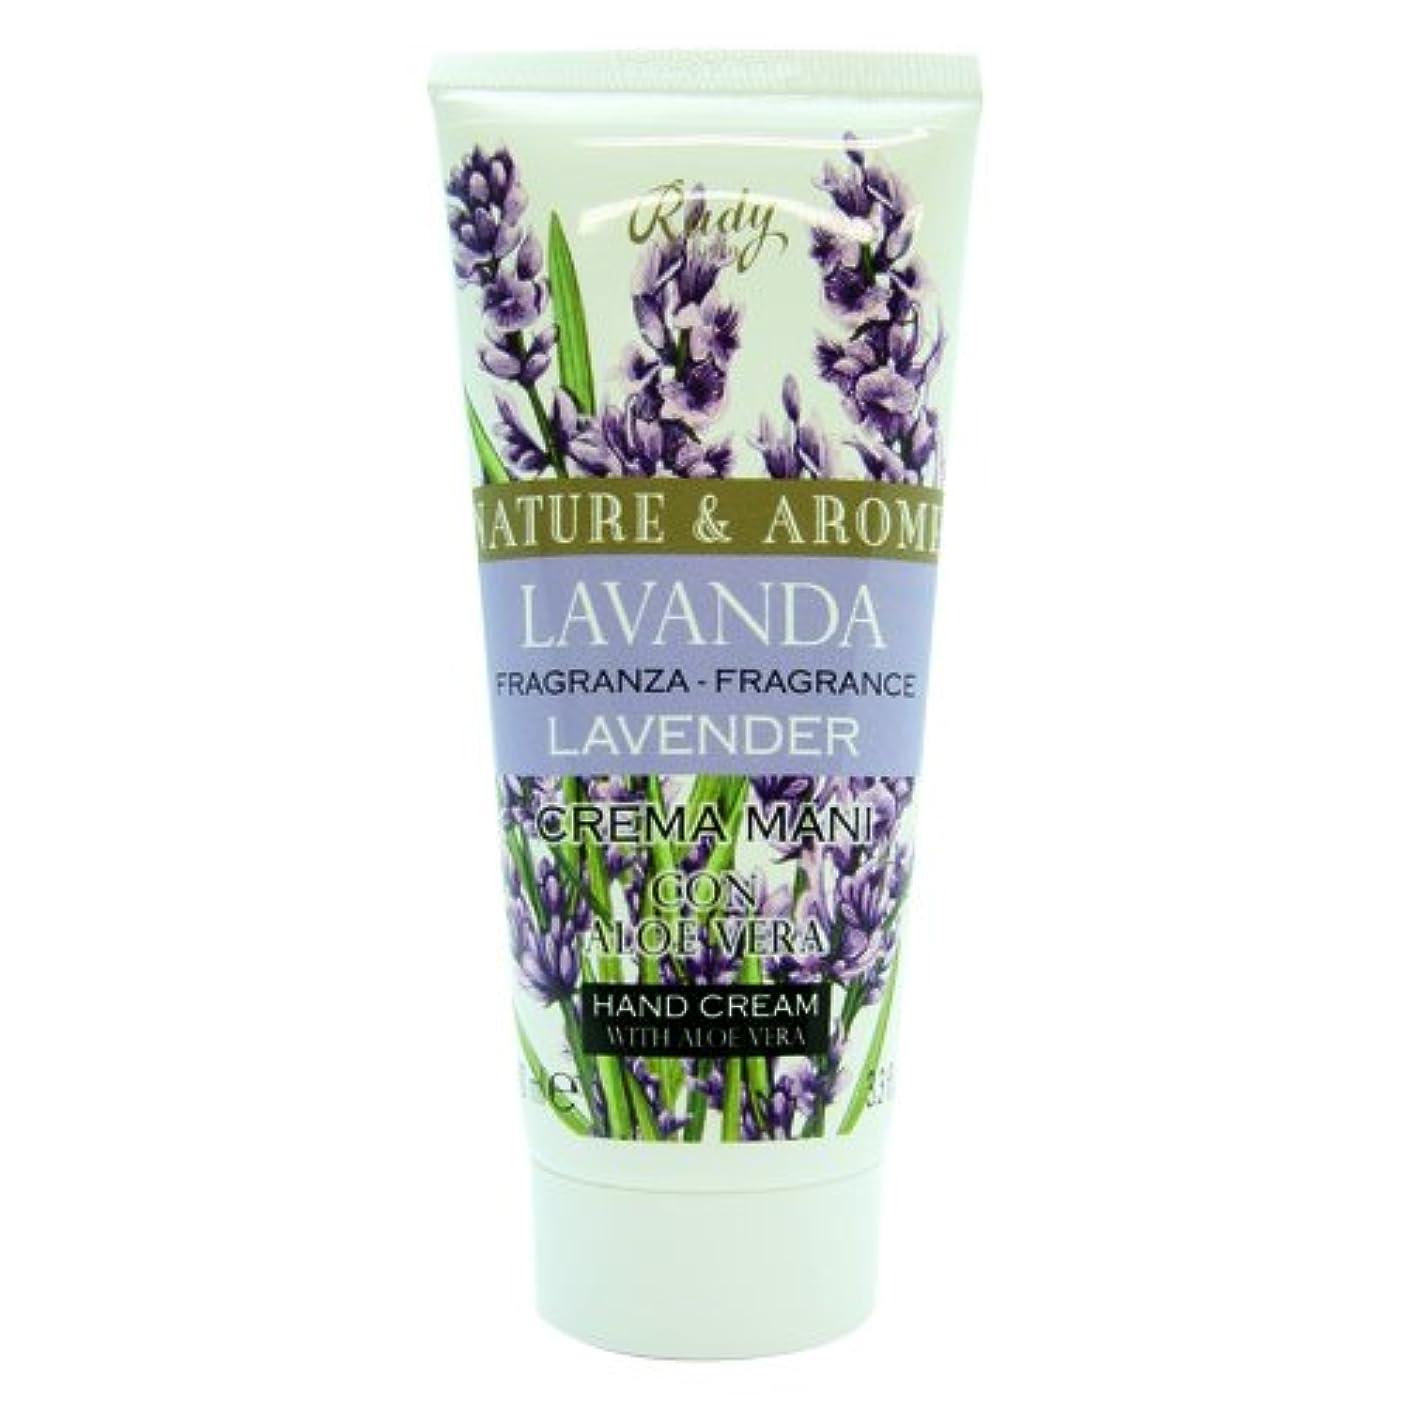 不明瞭通貨追跡RUDY Nature&Arome SERIES ルディ ナチュール&アロマ Hand Cream ハンドクリーム  Lavender ラベンダー